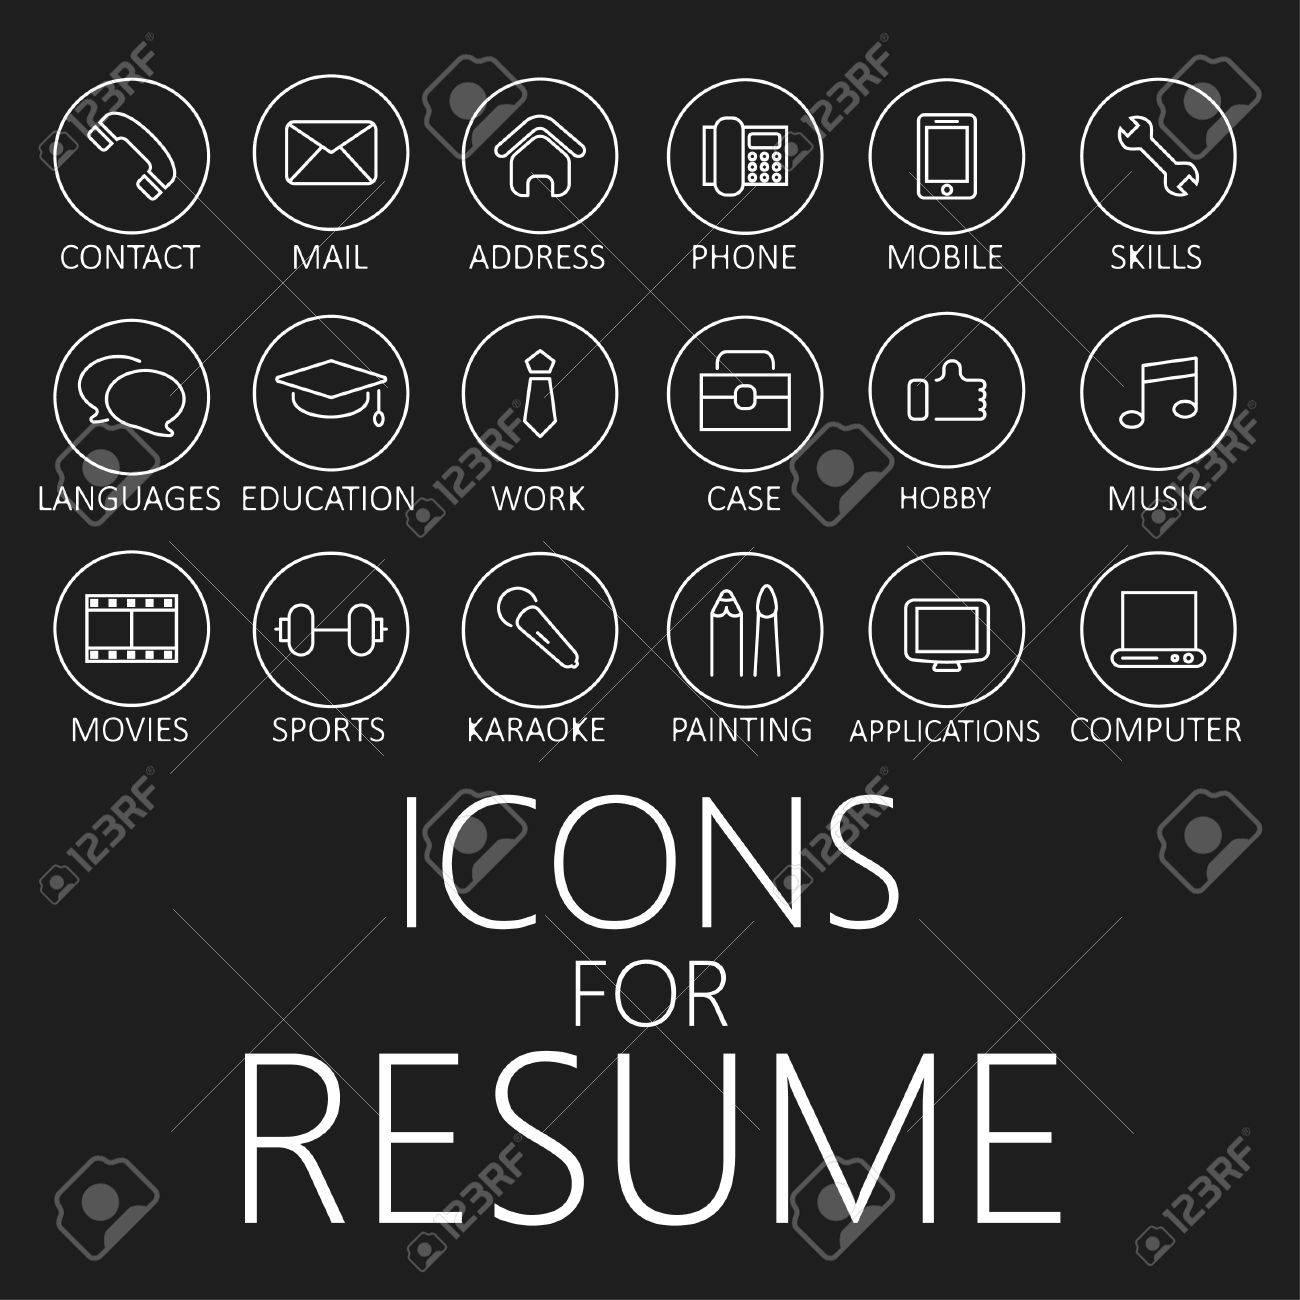 Conjunto De Iconos De Líneas Para Su Curriculum Vitae, CV, Trabajo ...